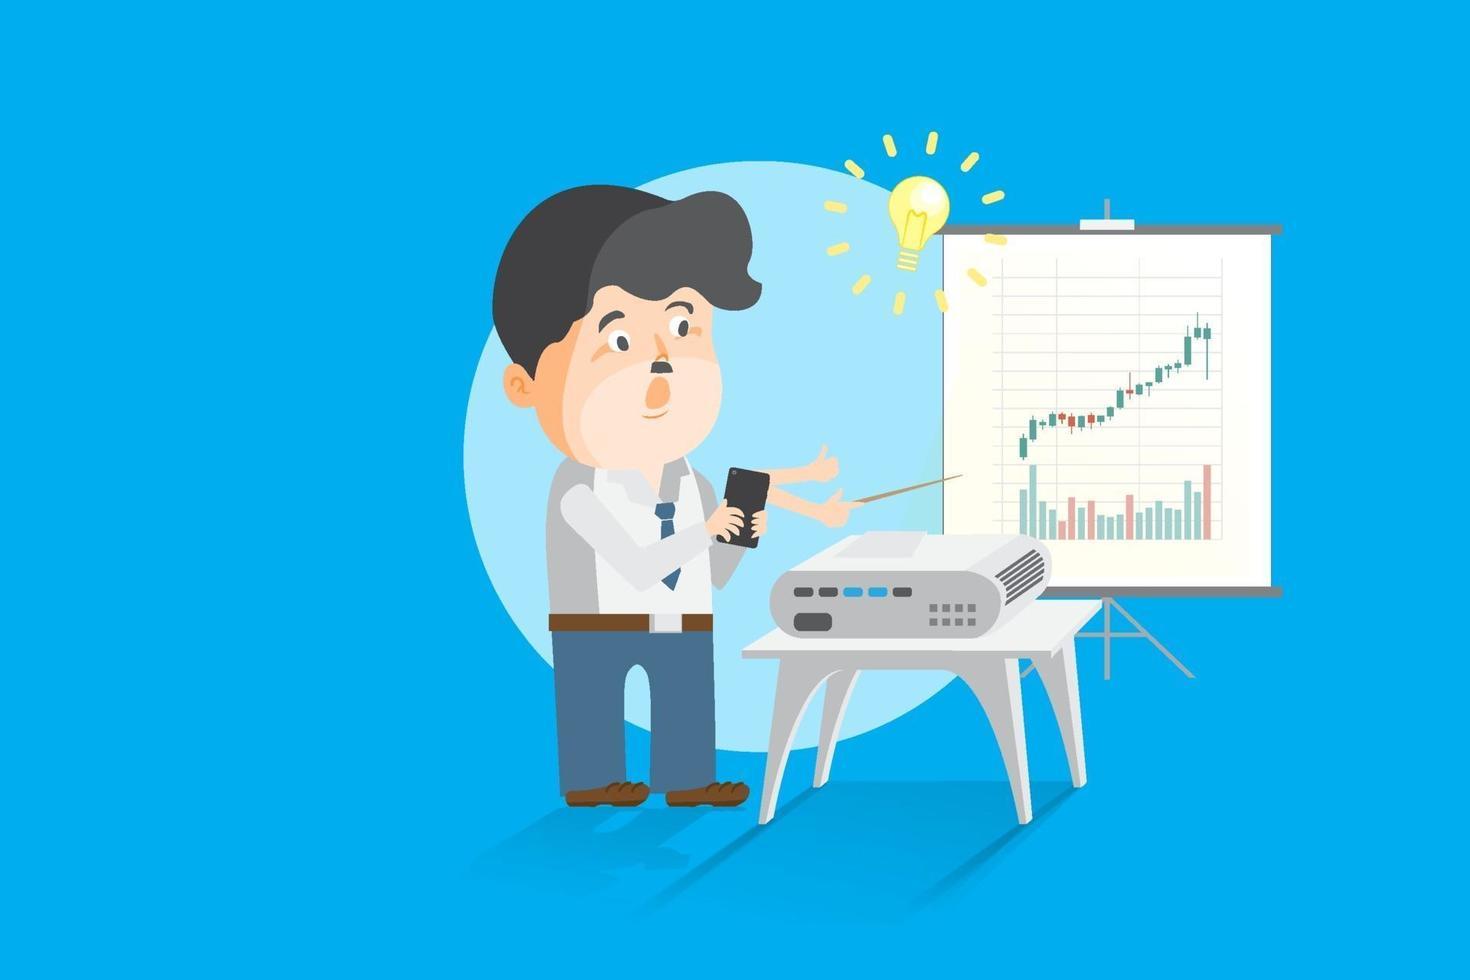 amatörinvesterare praktikant lärande finansiell analytisk form online lektion i smartphone, studera i träningspass online streaming, som ansikte mot ansikte utbildning tecknad platt vektorillustration. vektor